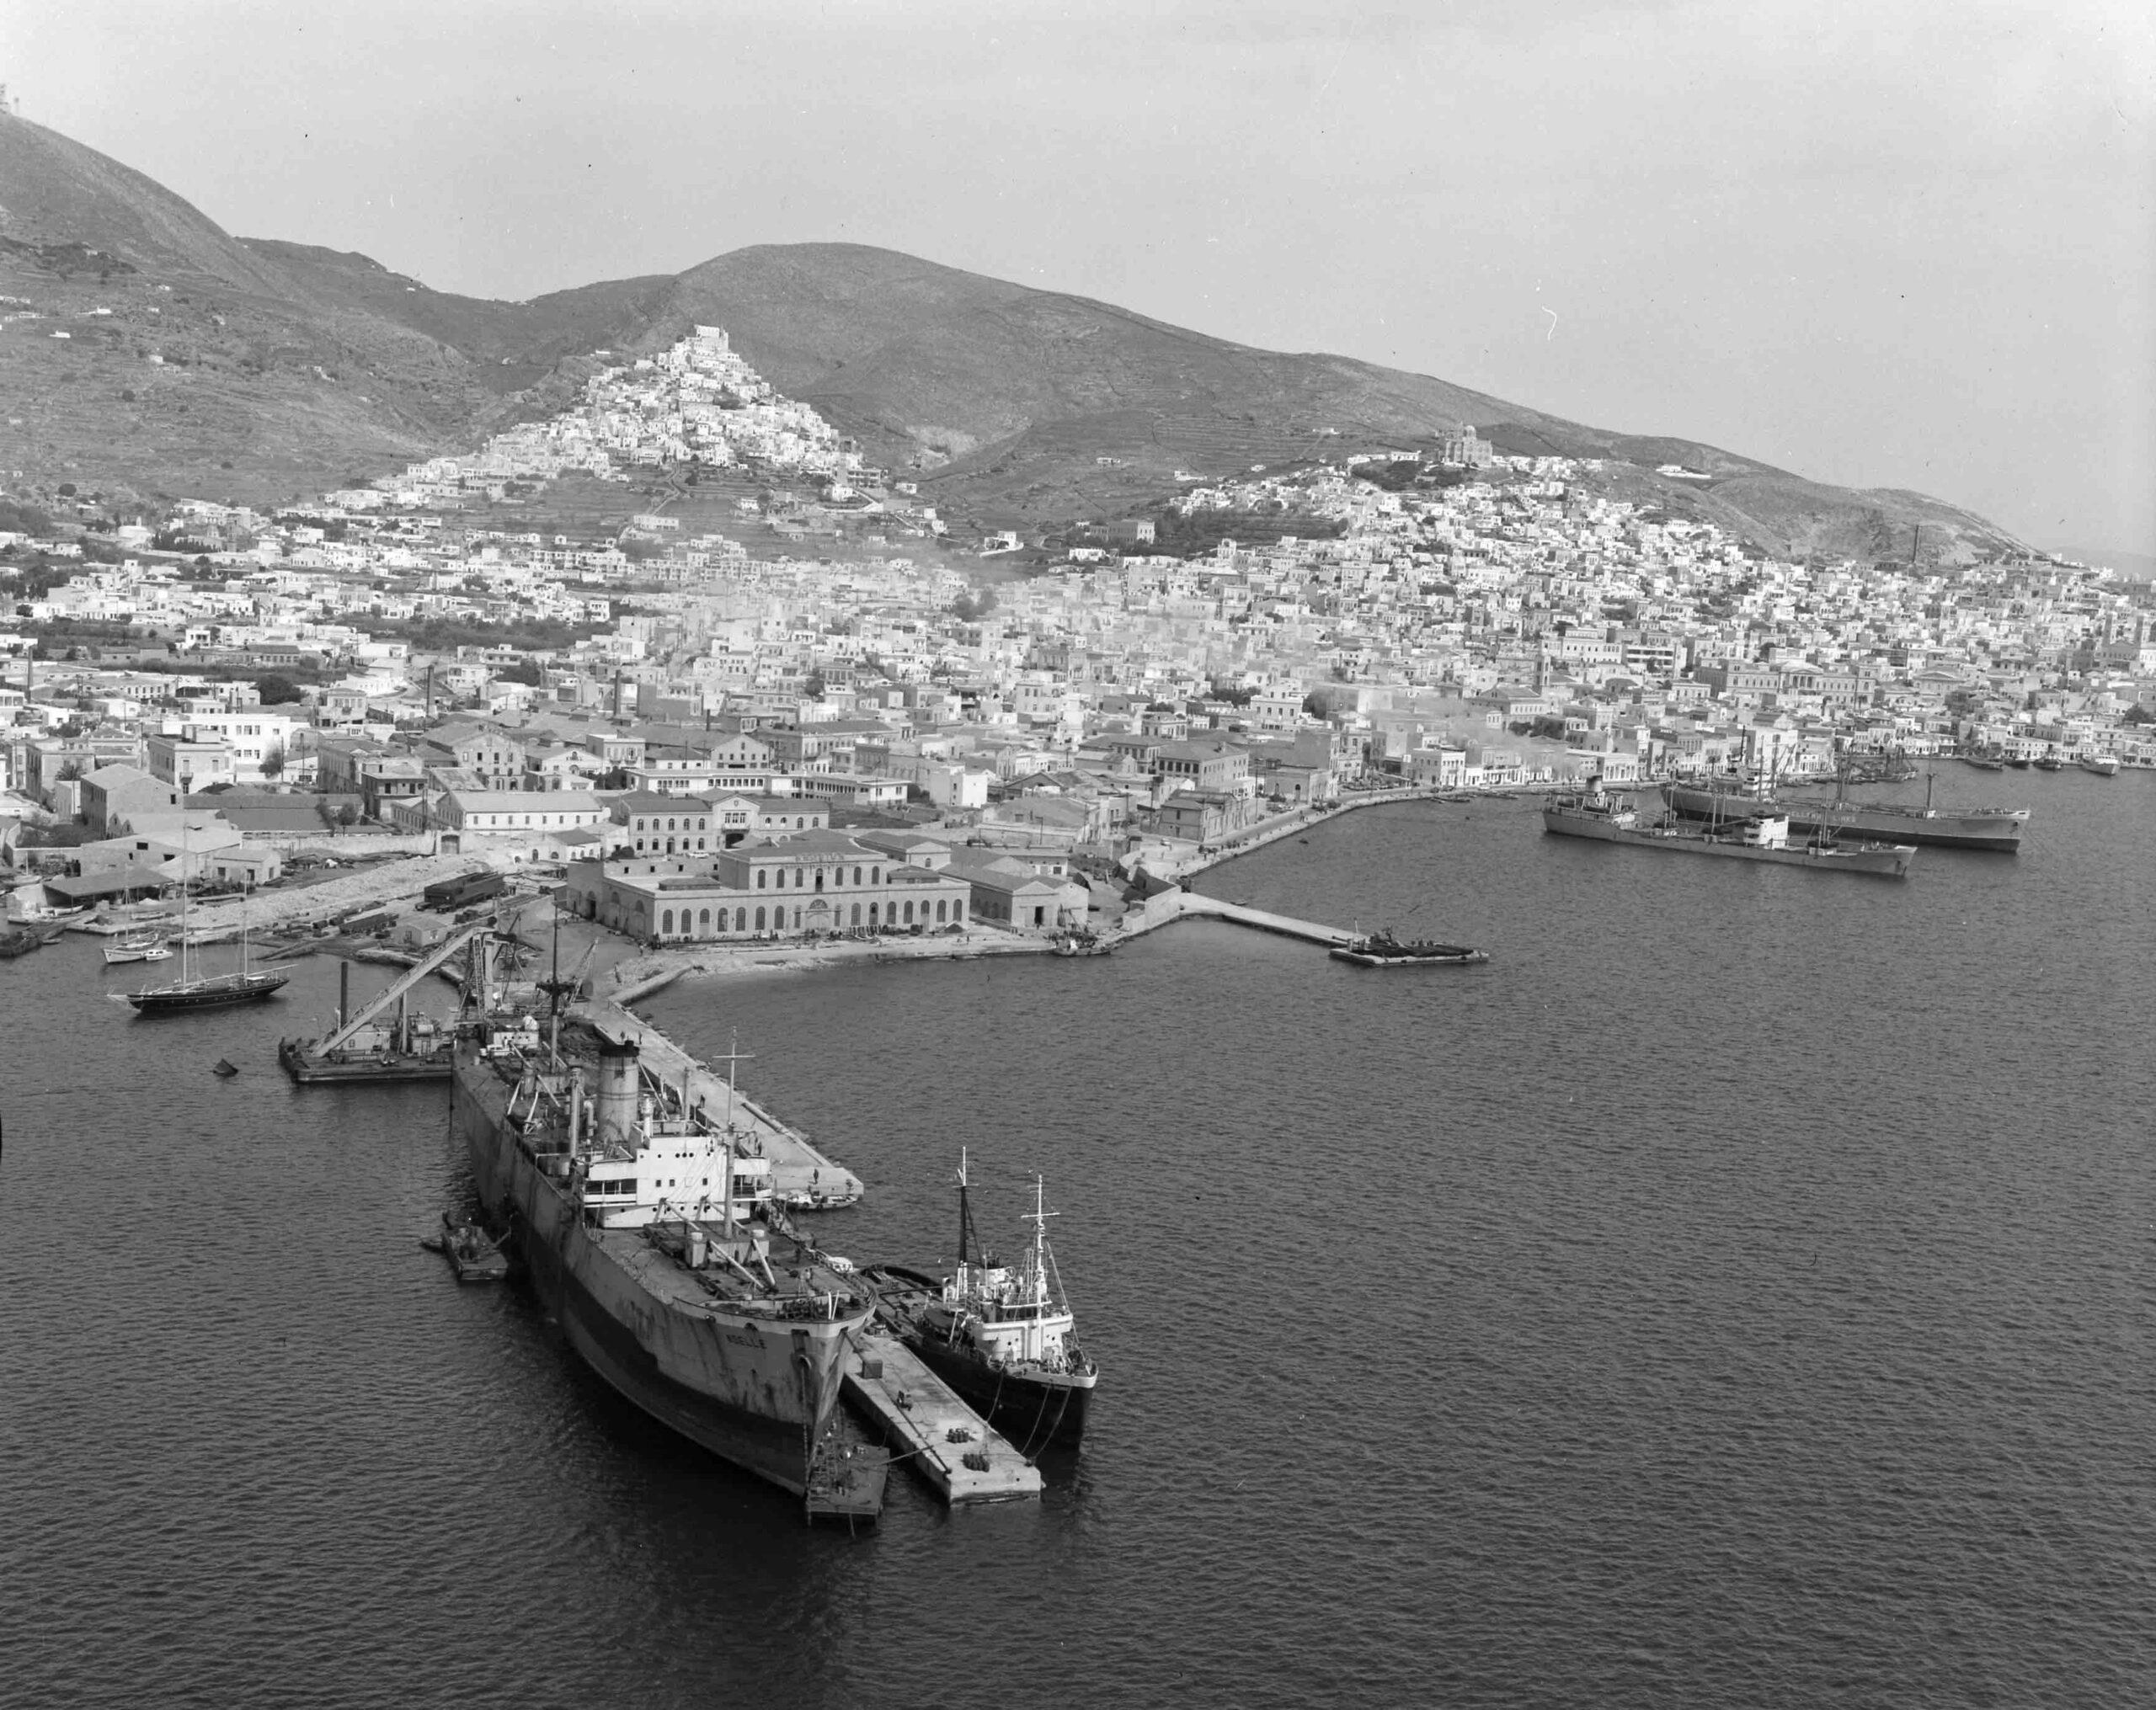 Η Ναυτική Εβδομάδα επιστρέφει στη Σύρο